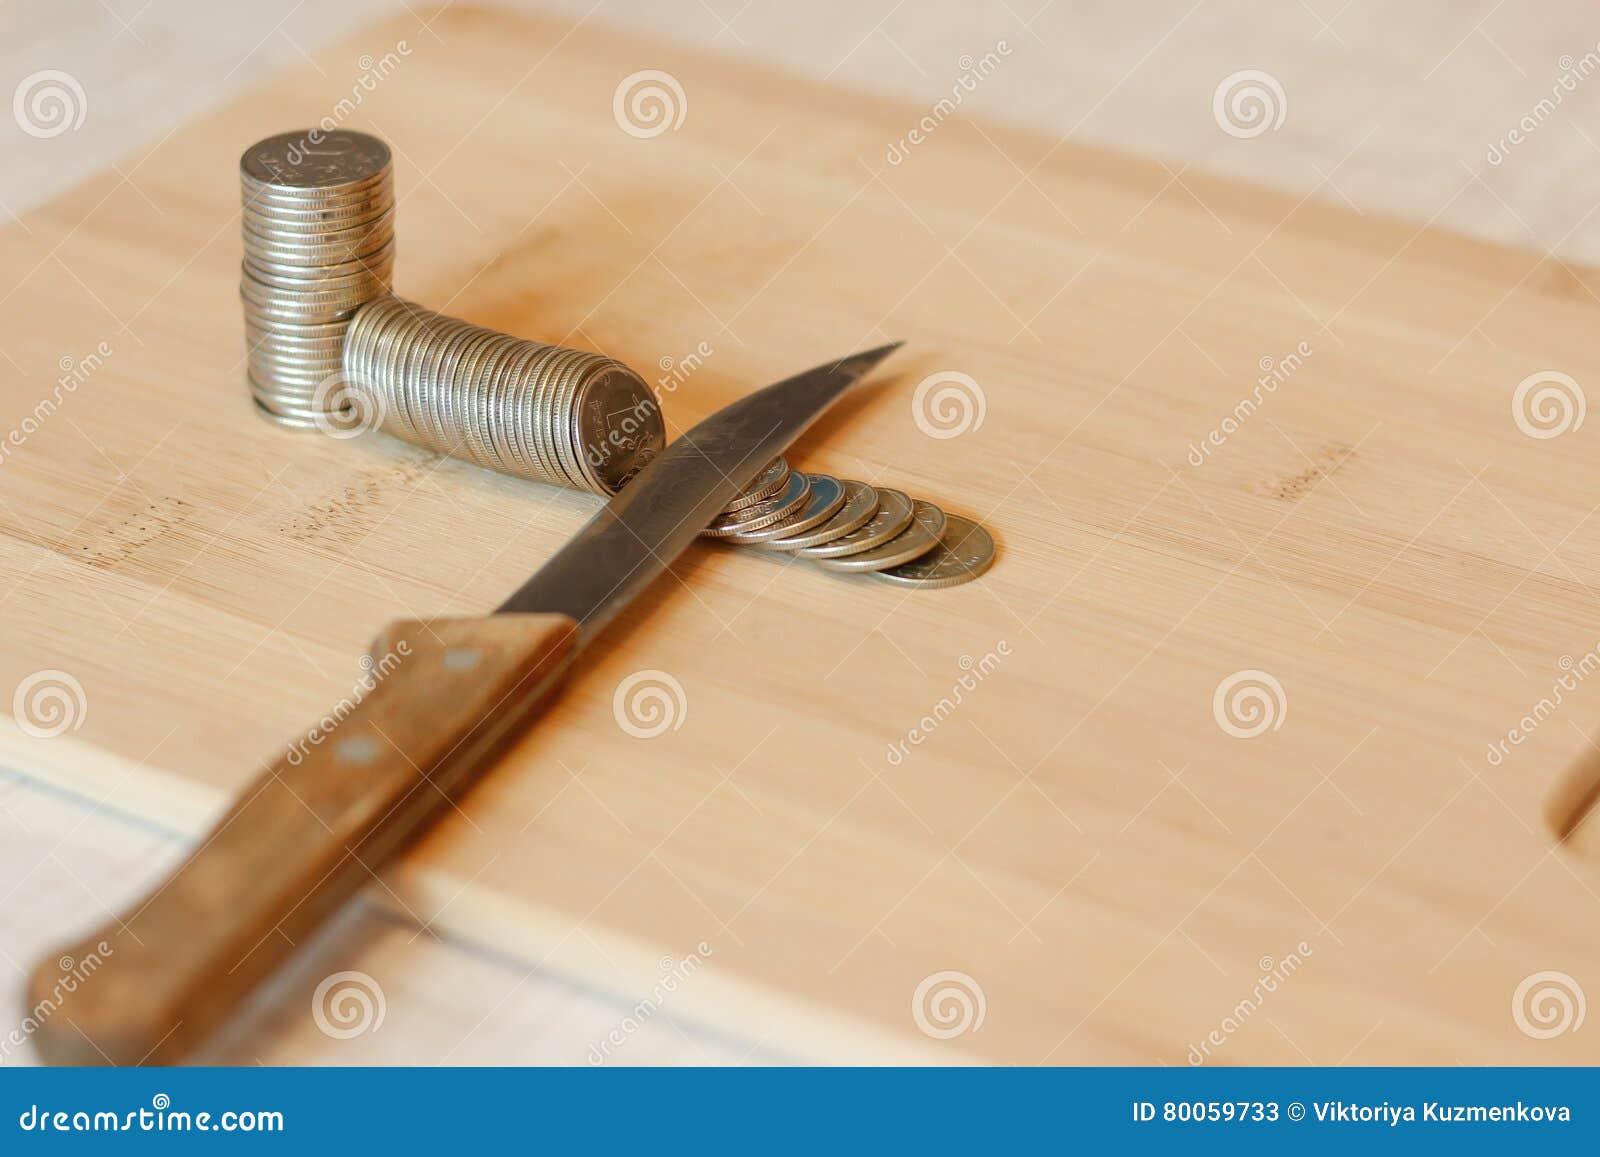 Messer, das einen Stapel der Münze schneidet Konzept von Etatverkürzungen, Einsparungen, r